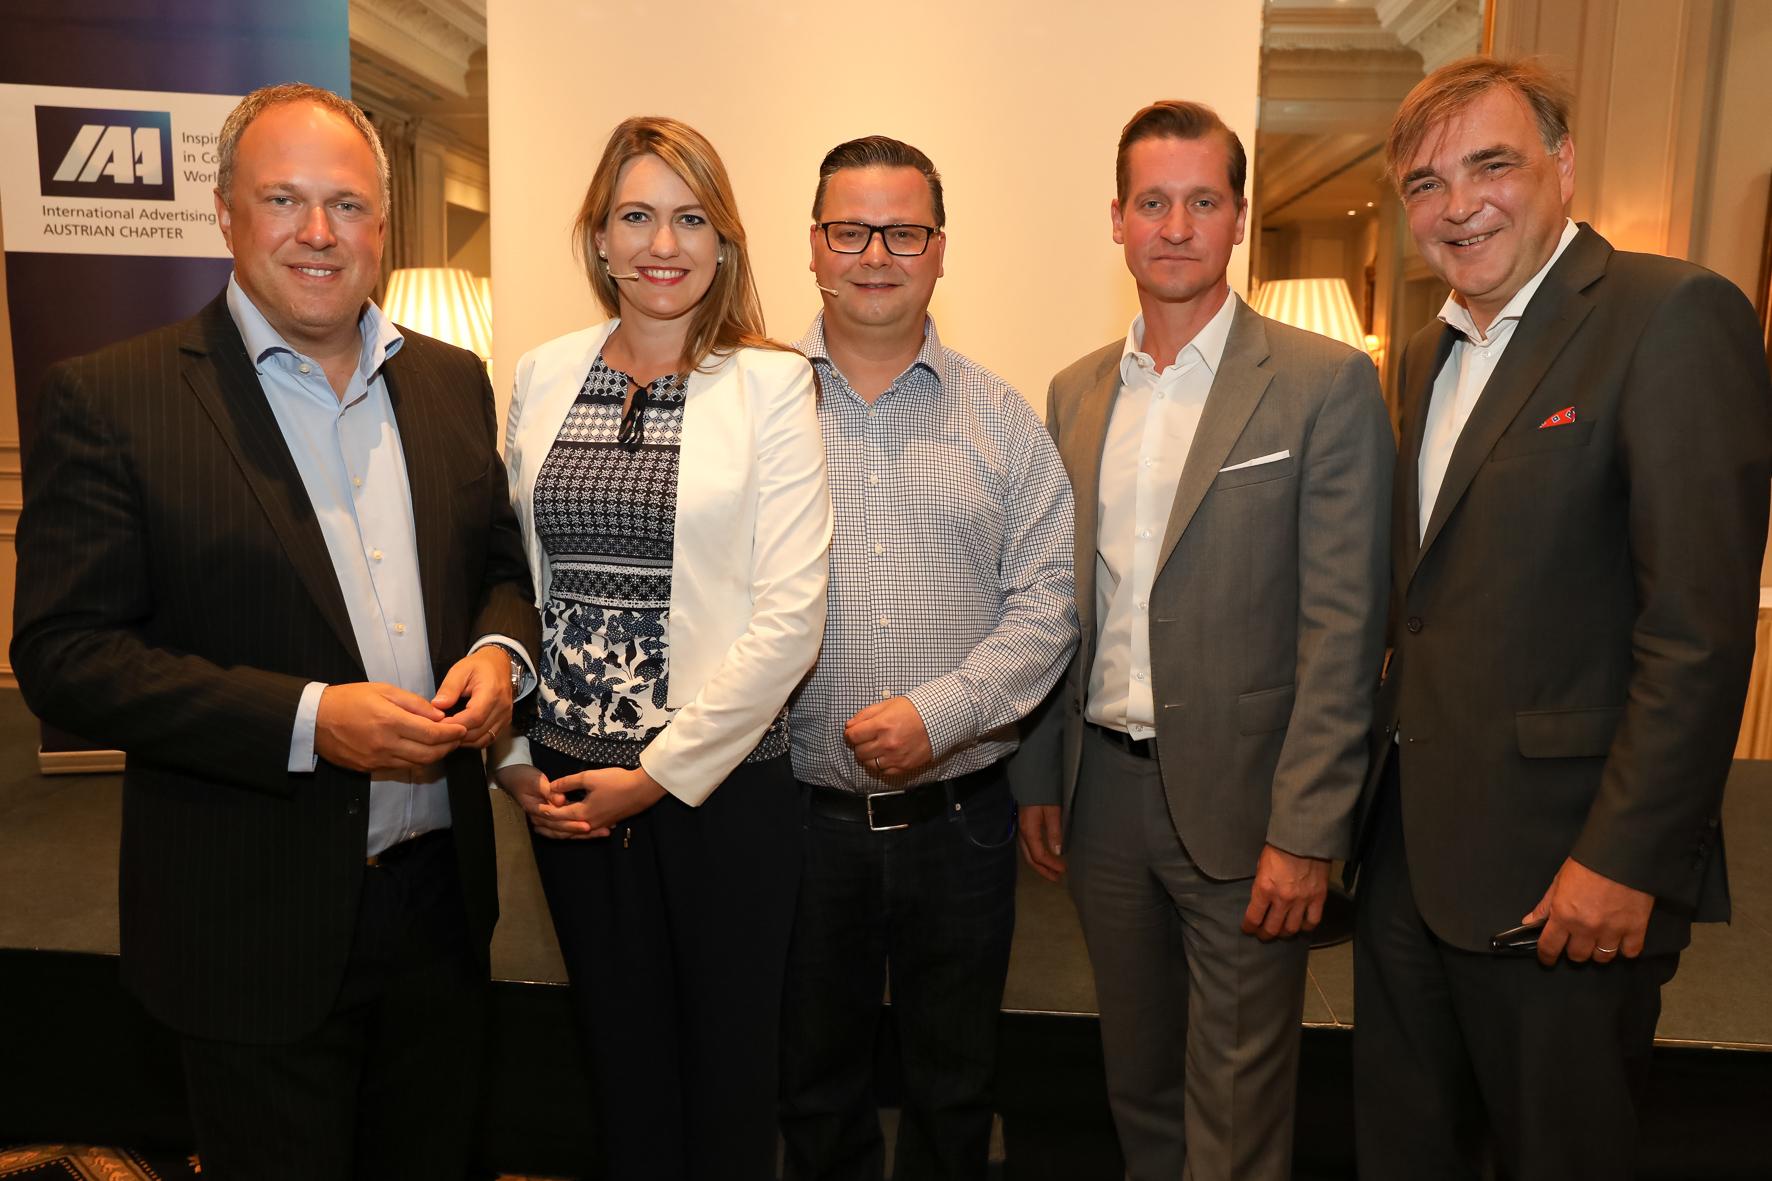 Foto von v.l.n.r.: Richard Grasl, Marlene Auer, Christopher Sima, Oliver Stribl, Gerald Ganzger